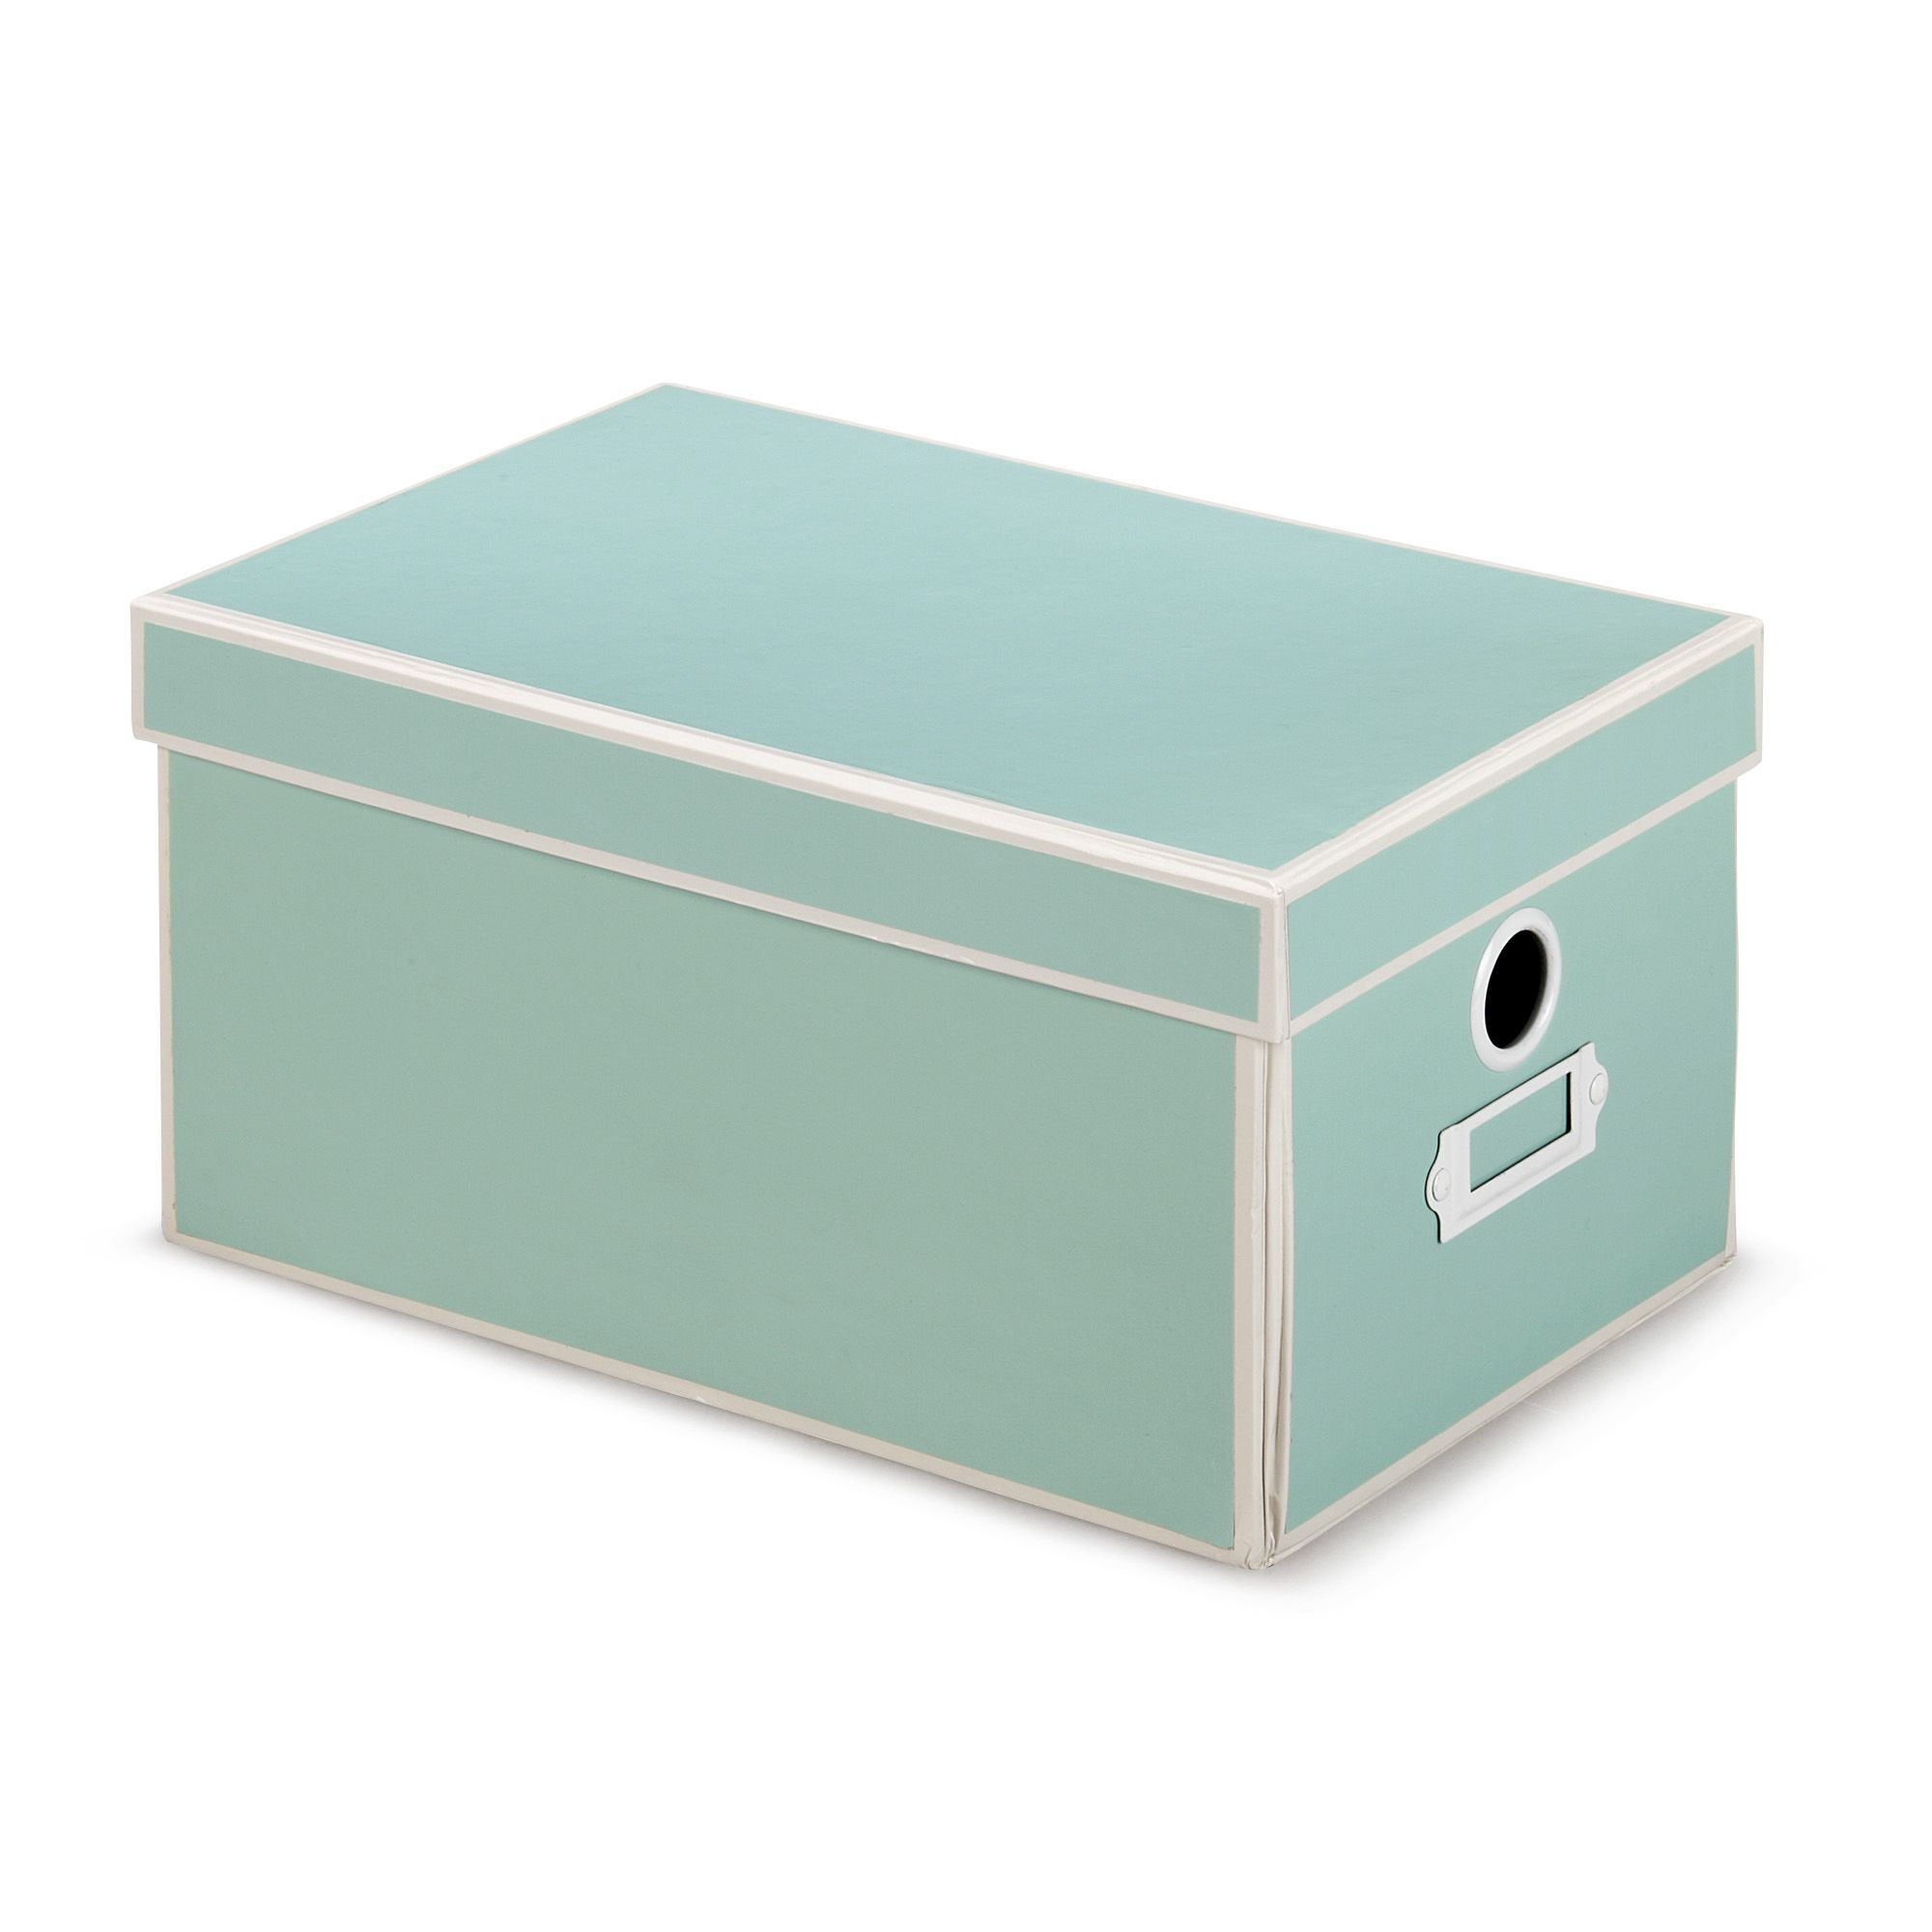 Boite de rangement petit modele Vert - Houston - Les boites en carton - Boîtes de rangement ...